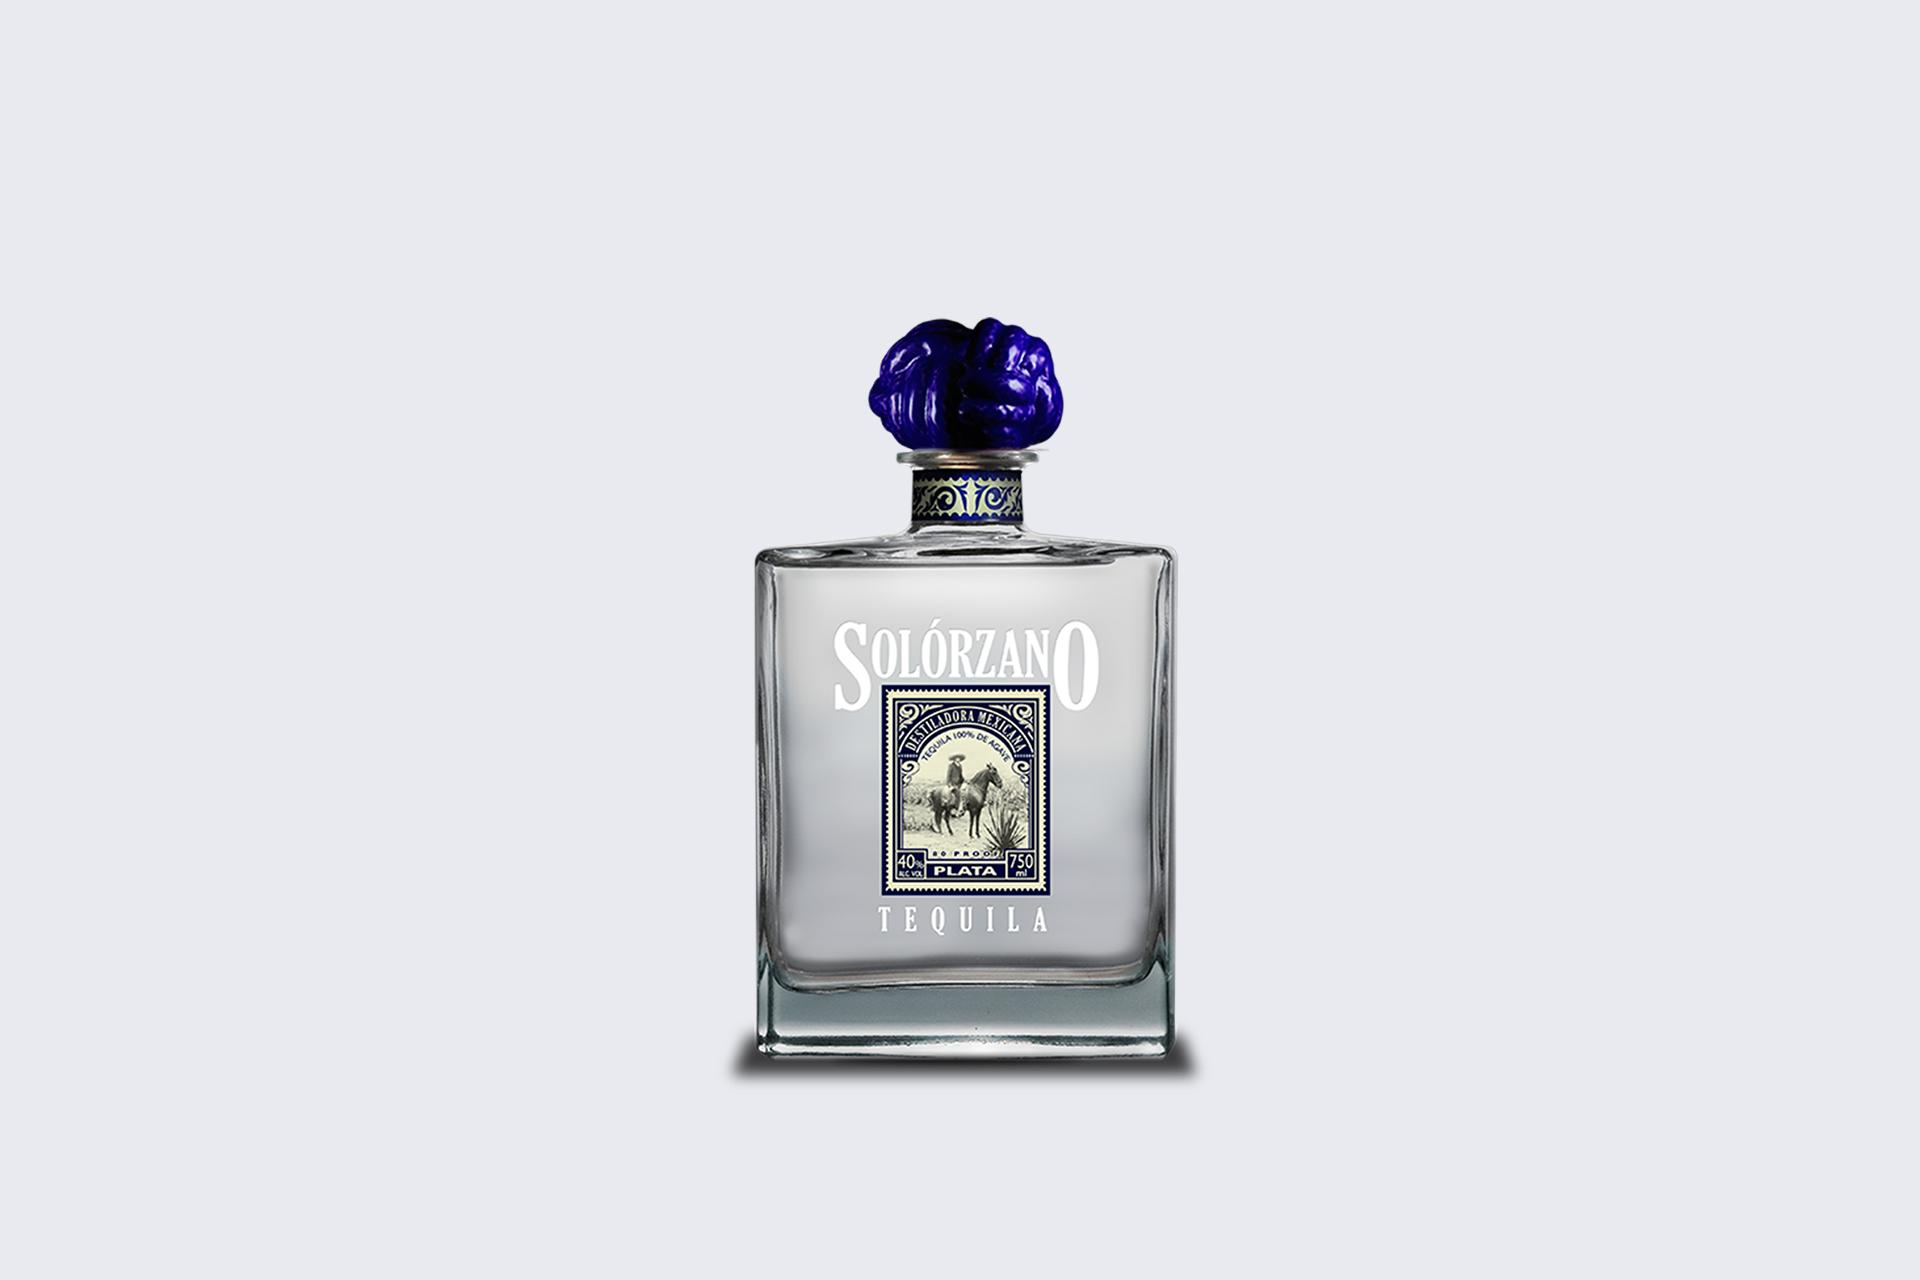 Solorzano Plata 750 ml